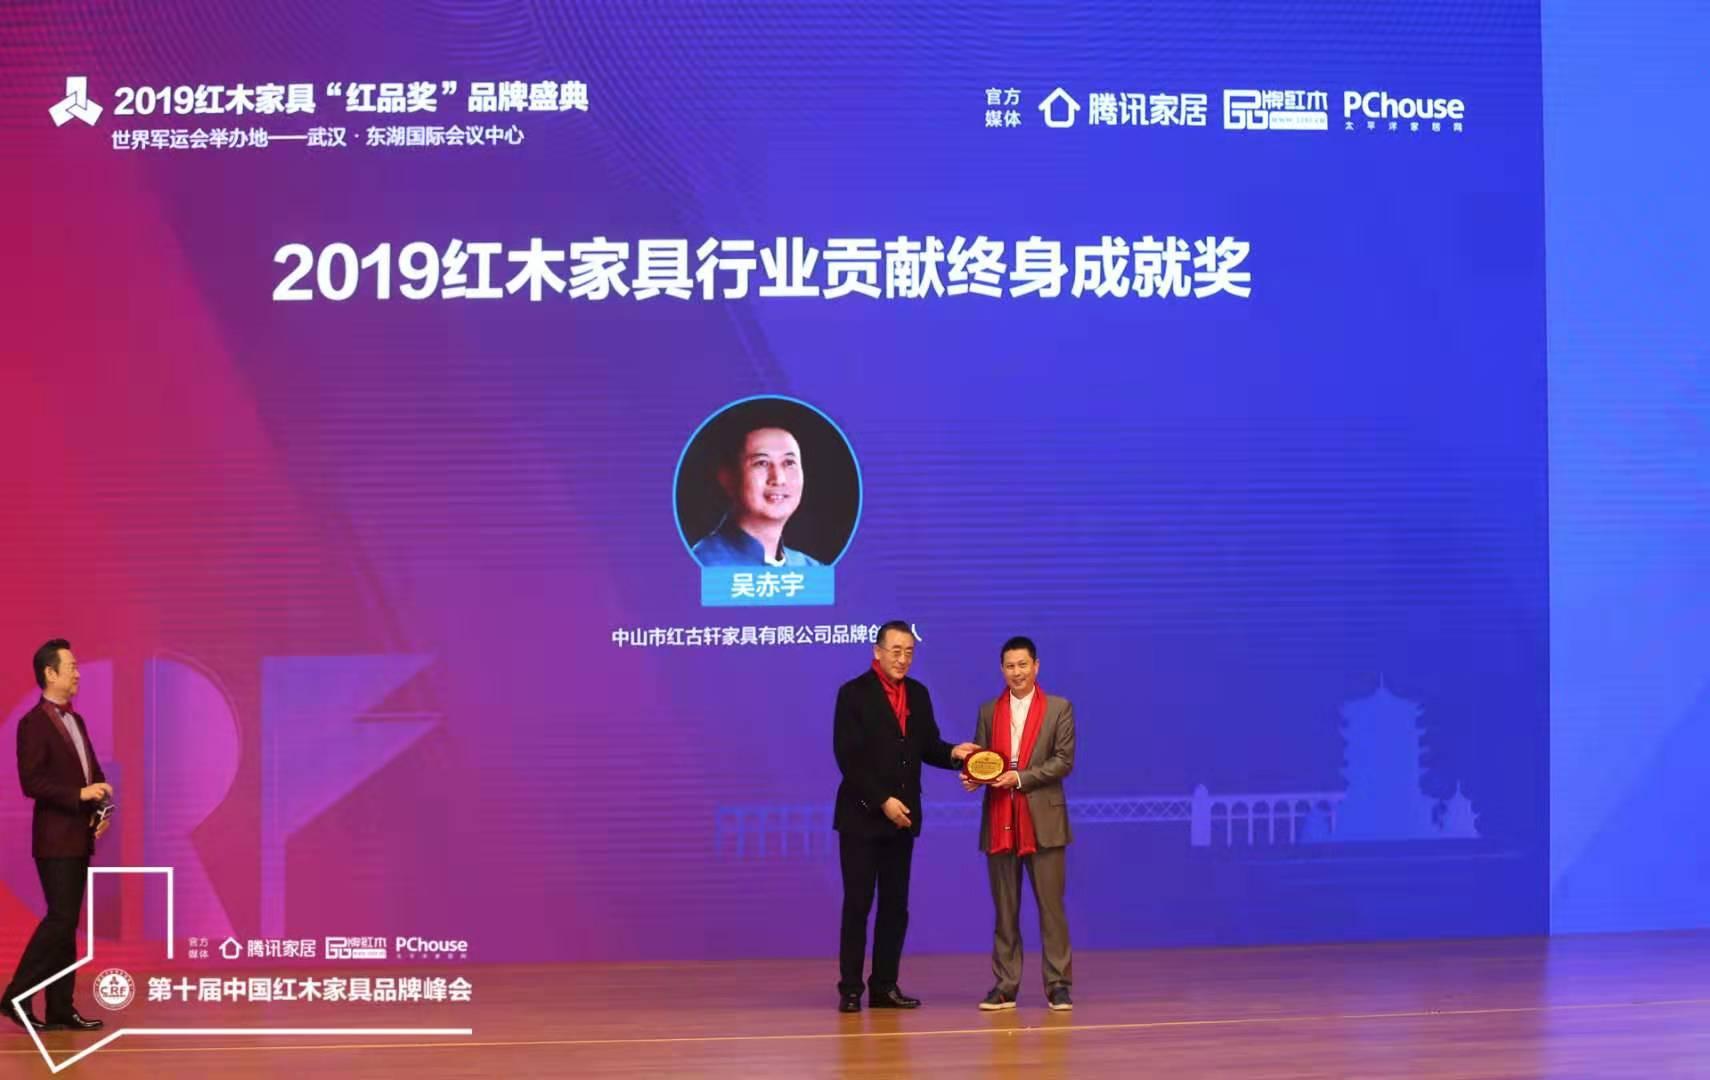 """2019红木家具行业贡献终身成就奖""""颁奖仪式"""